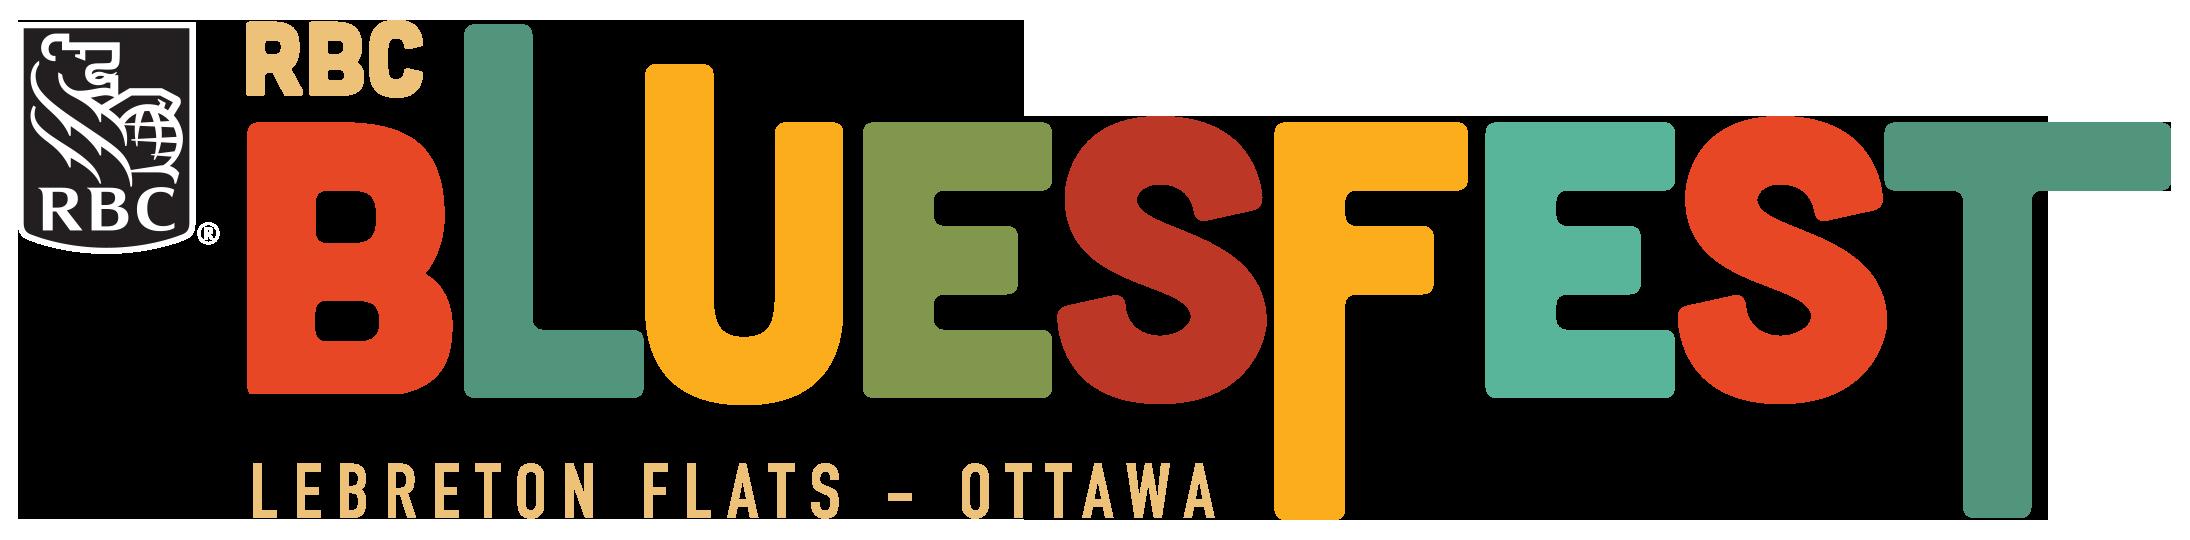 RBC Ottawa Bluesfest